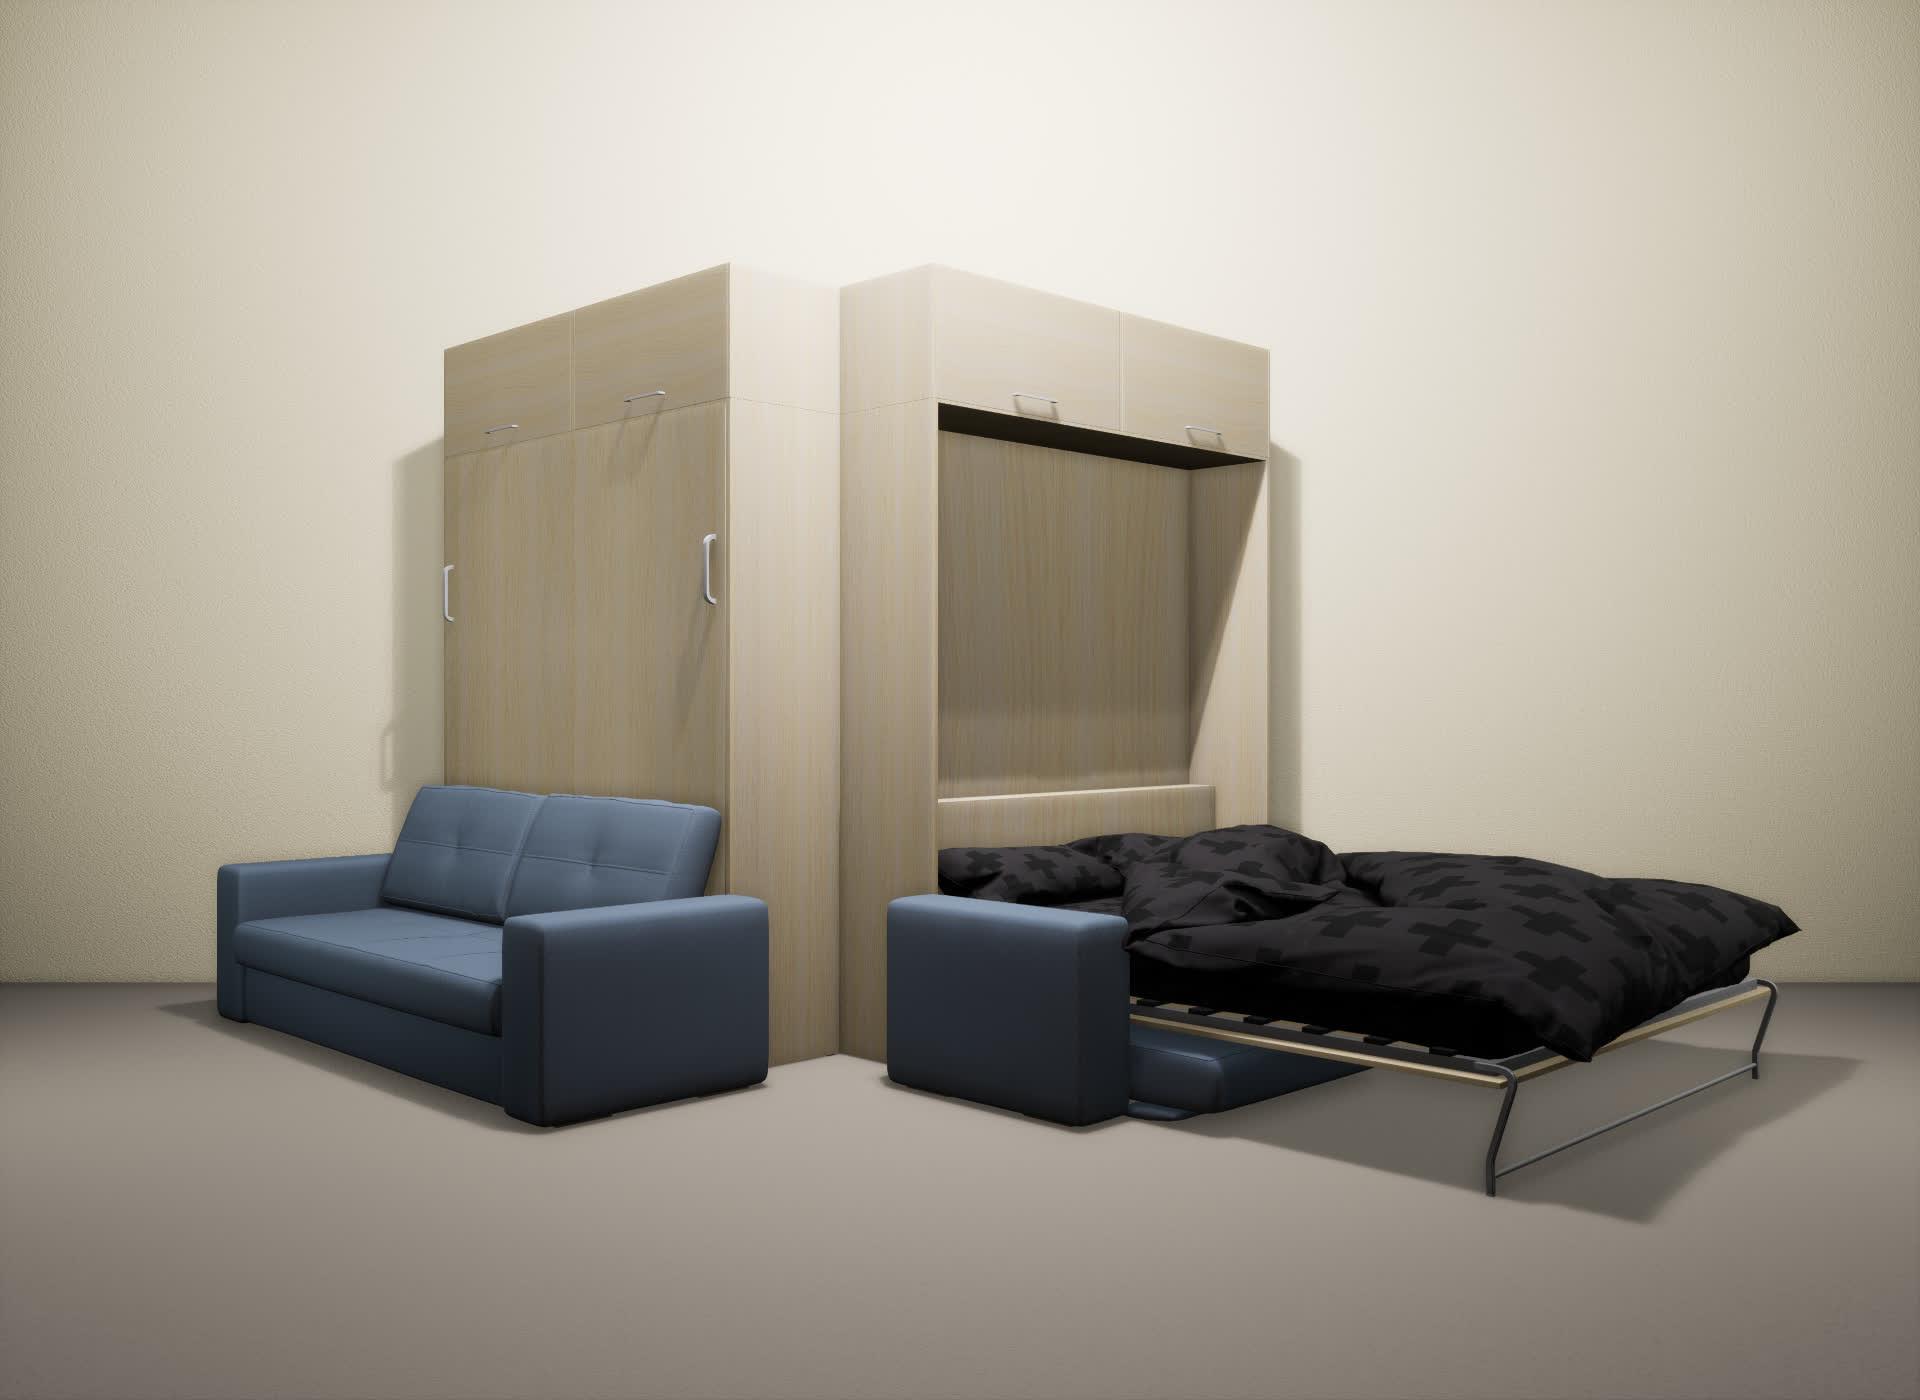 Шкаф-кровать SMART HOME Гамма молочный дуб/молочный дуб